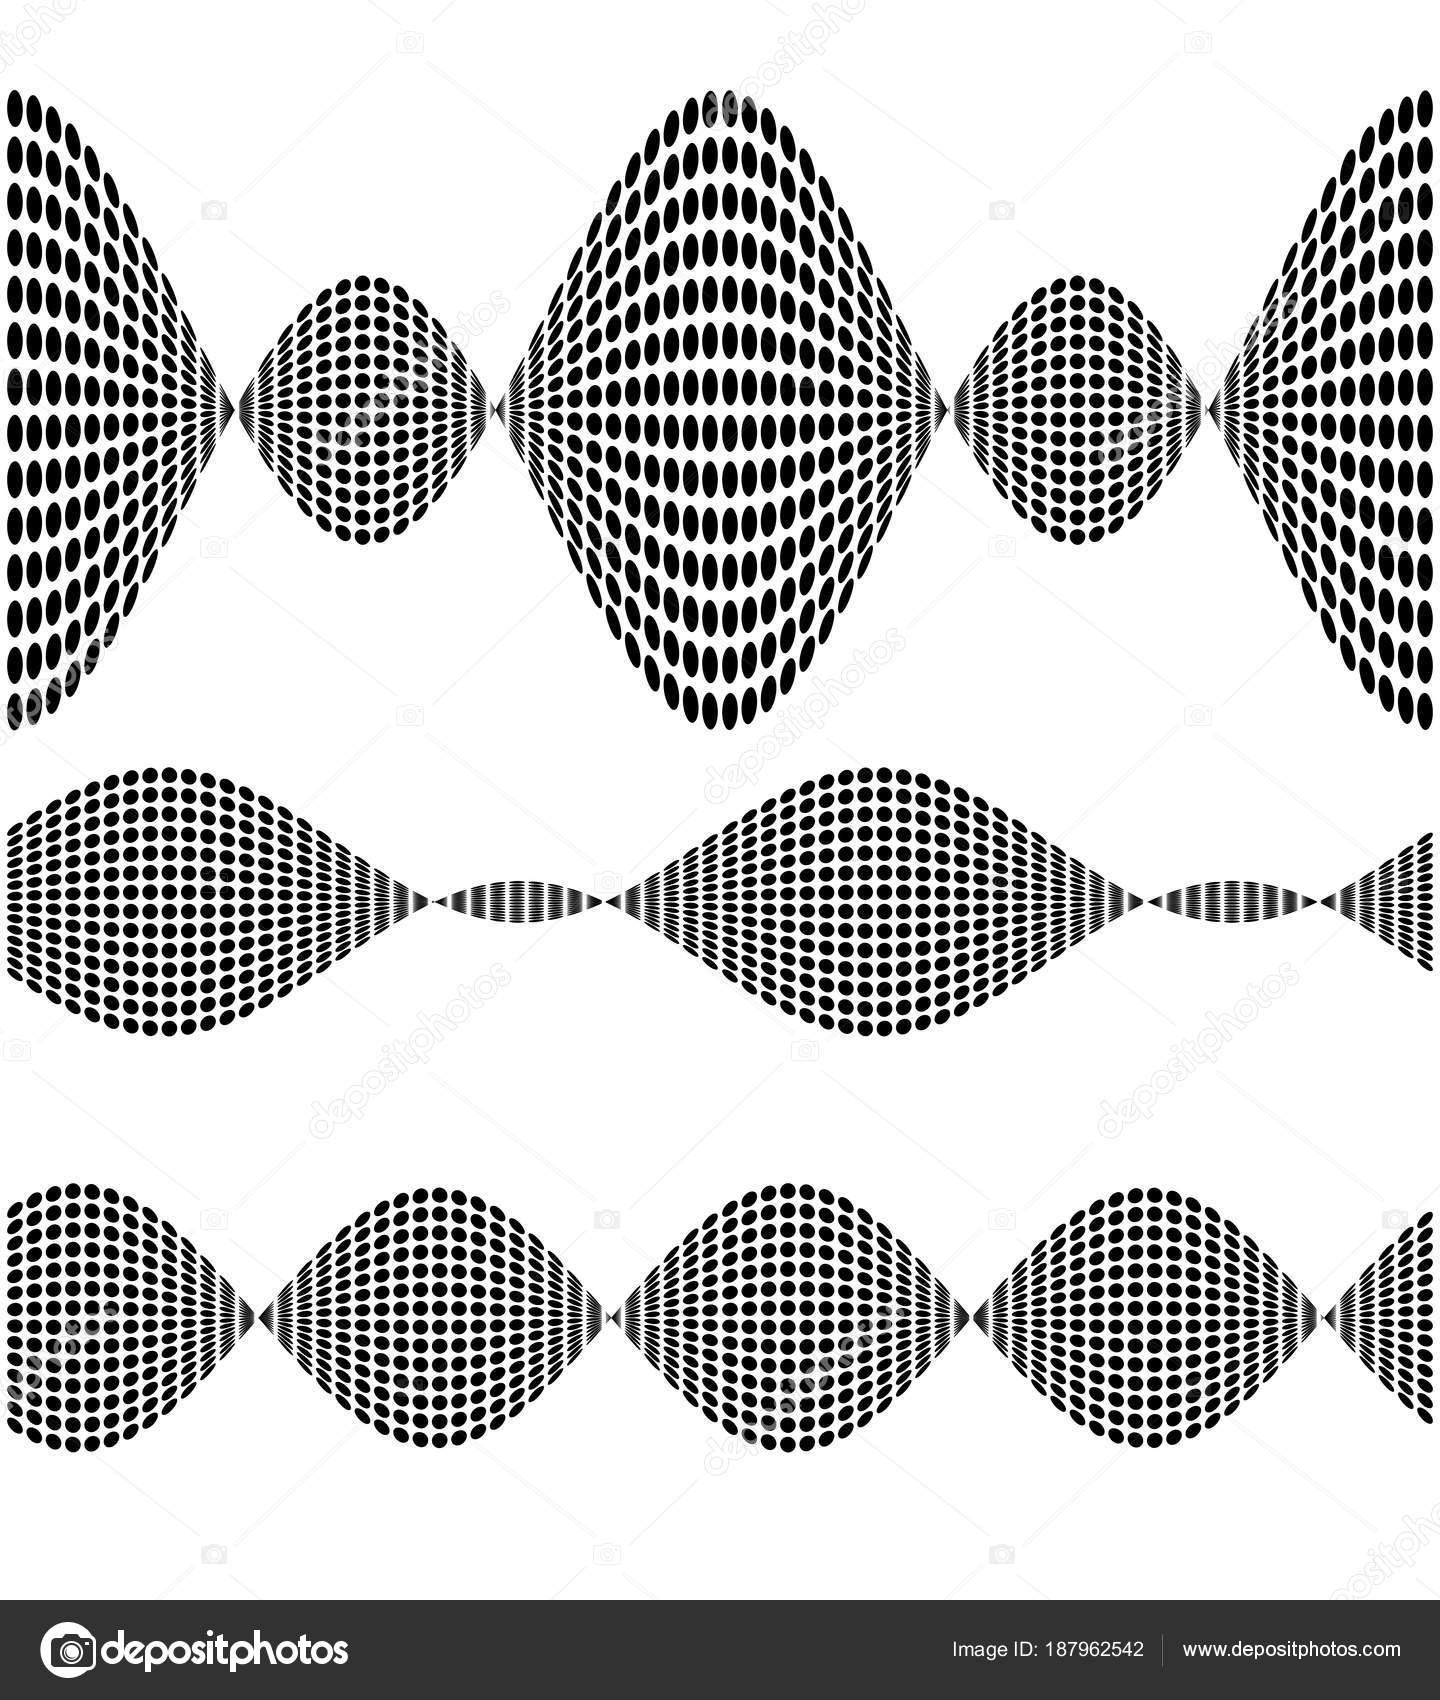 tool brush set random gray pixel pattern for design element09 ...